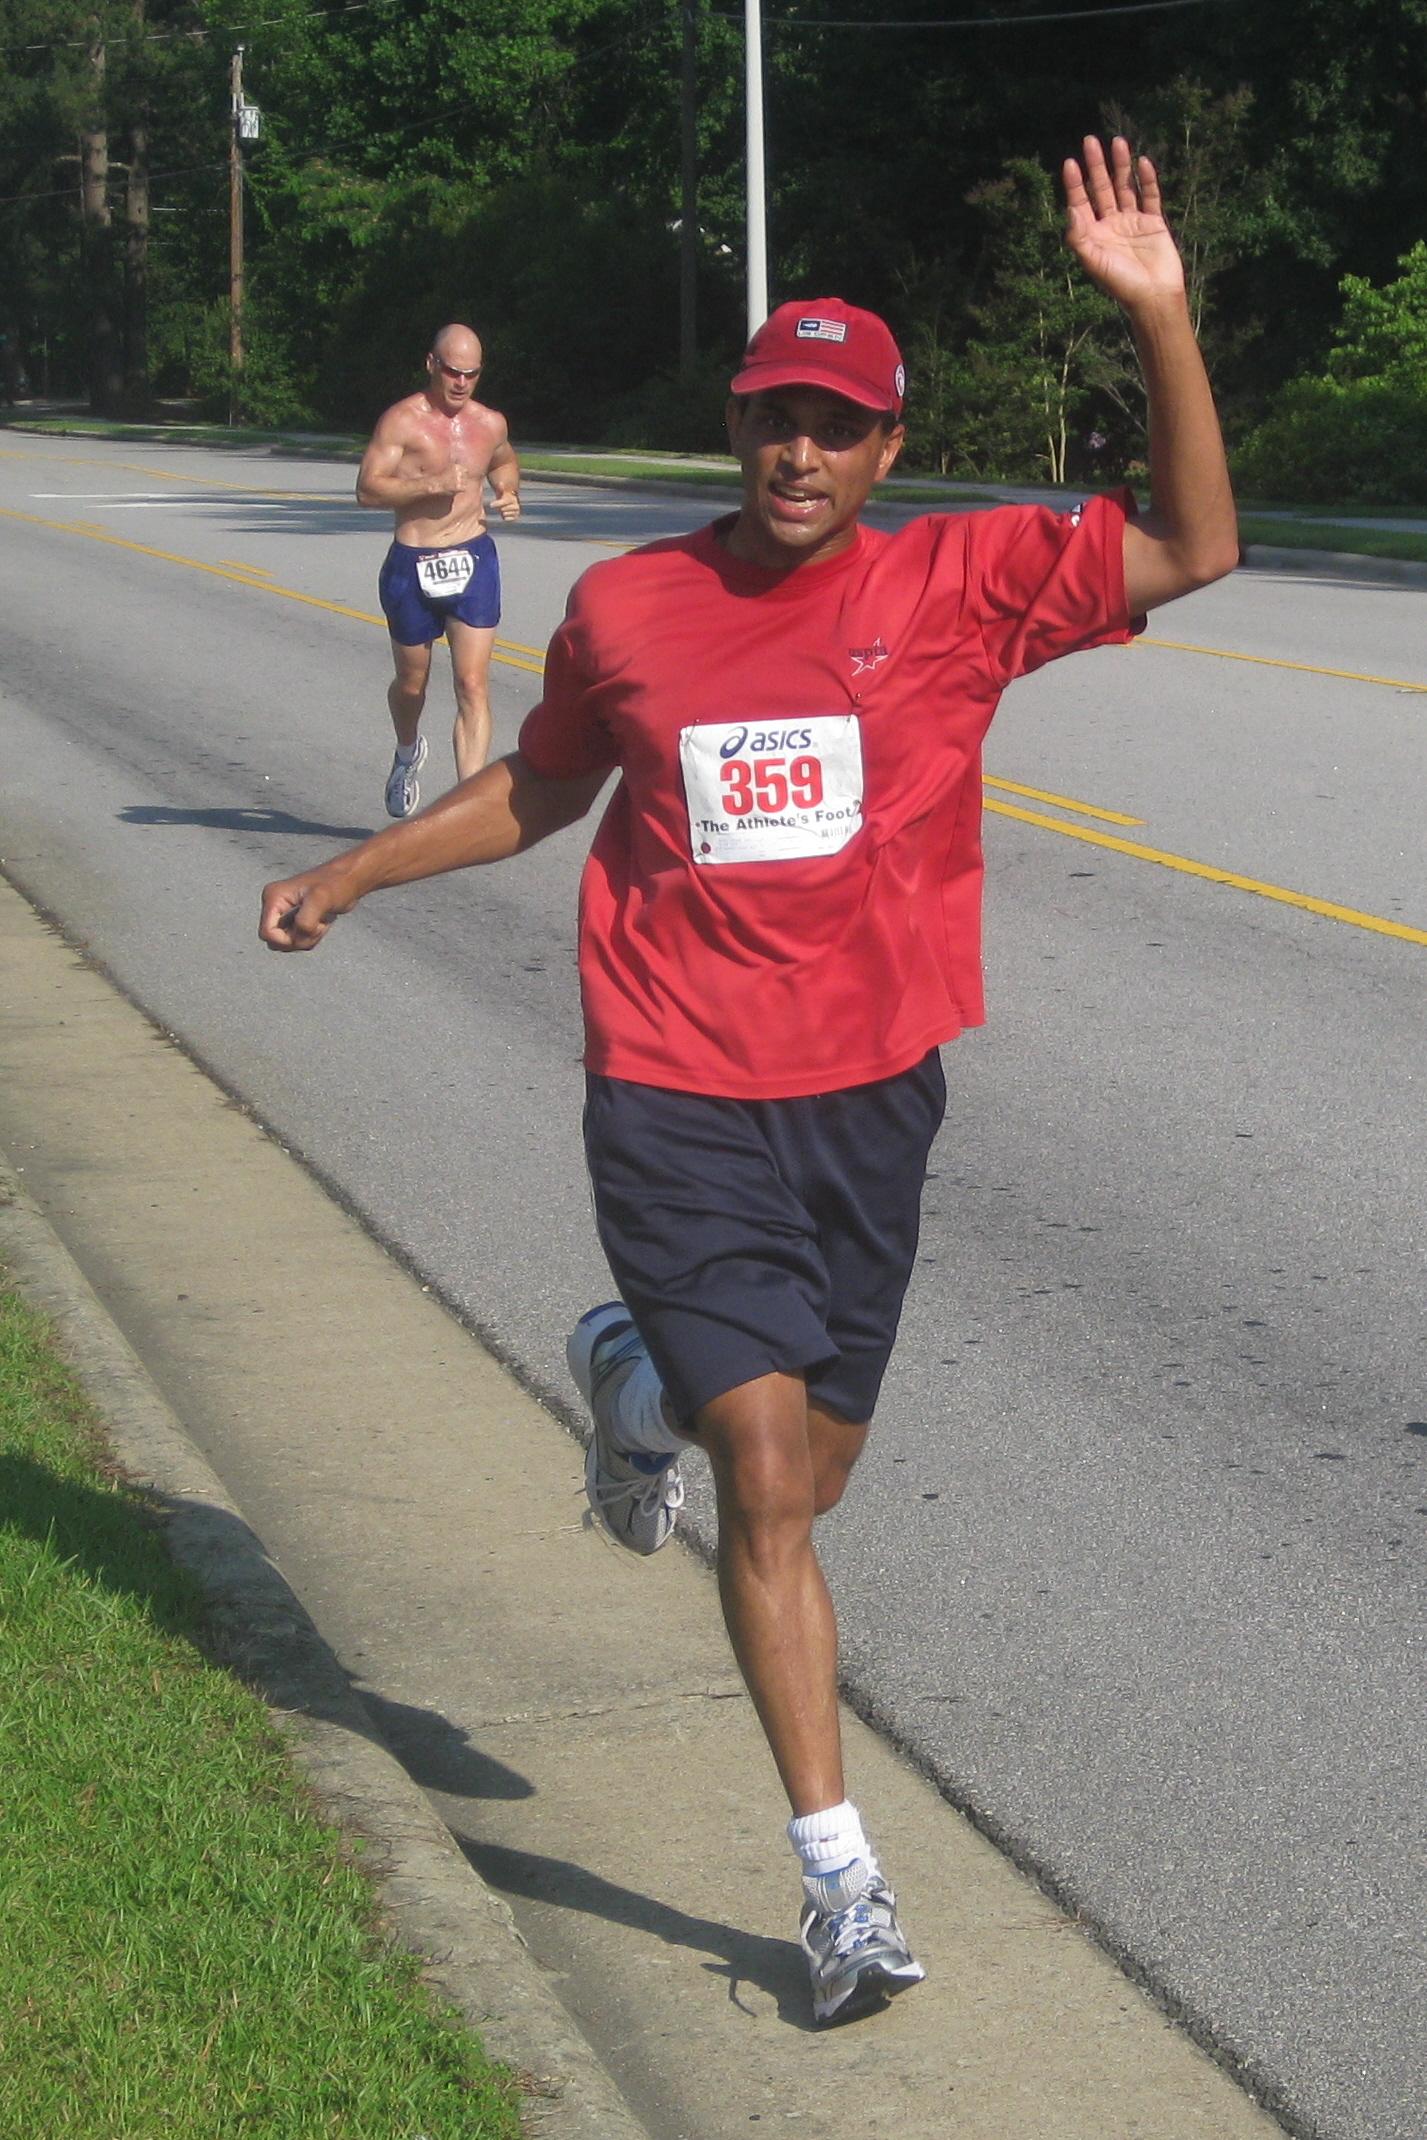 Steve Rao runs 5K.